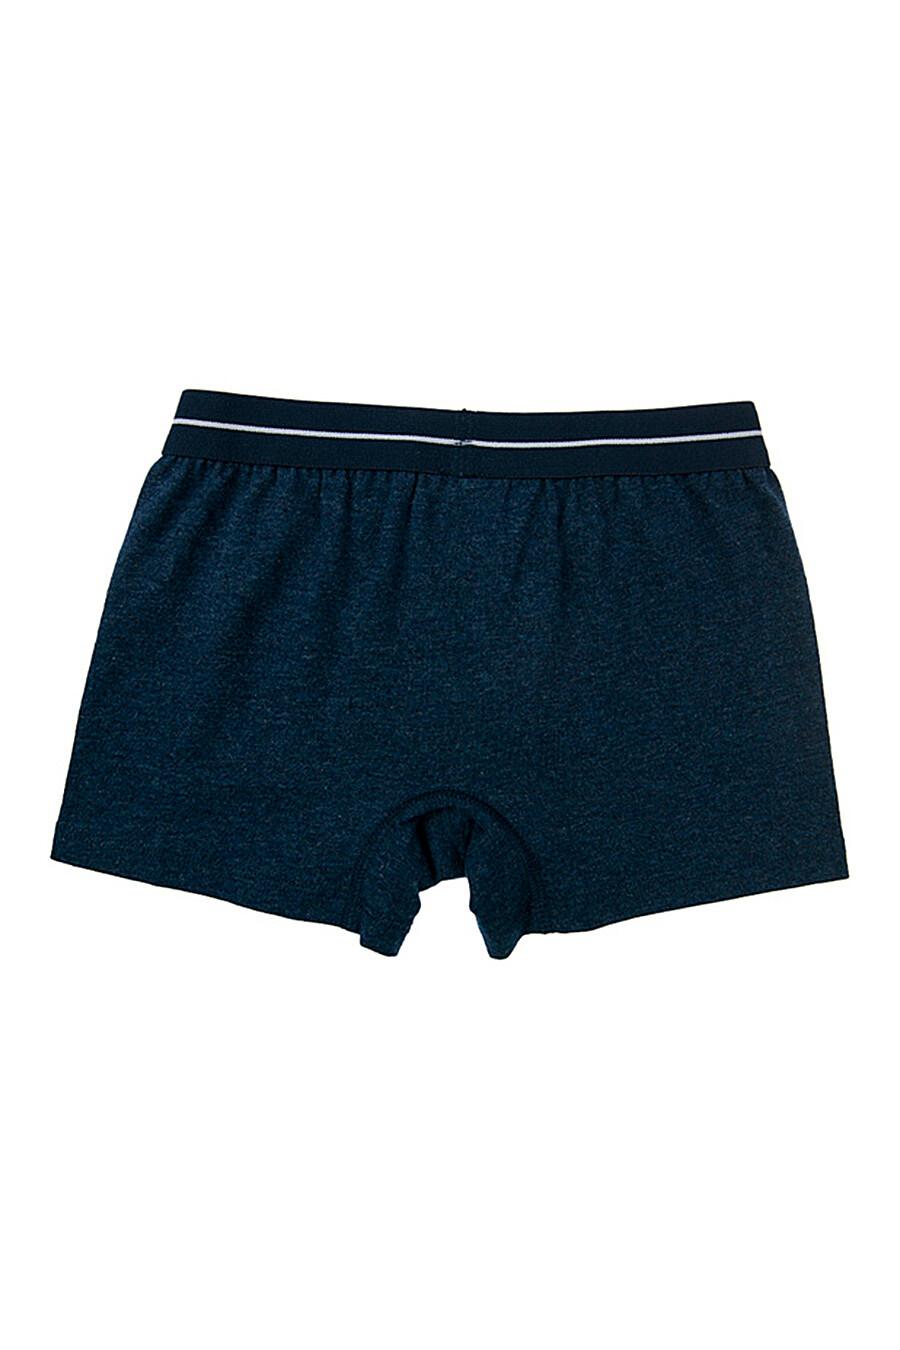 Набор трусов 2 шт. для мальчиков PLAYTODAY 239336 купить оптом от производителя. Совместная покупка детской одежды в OptMoyo